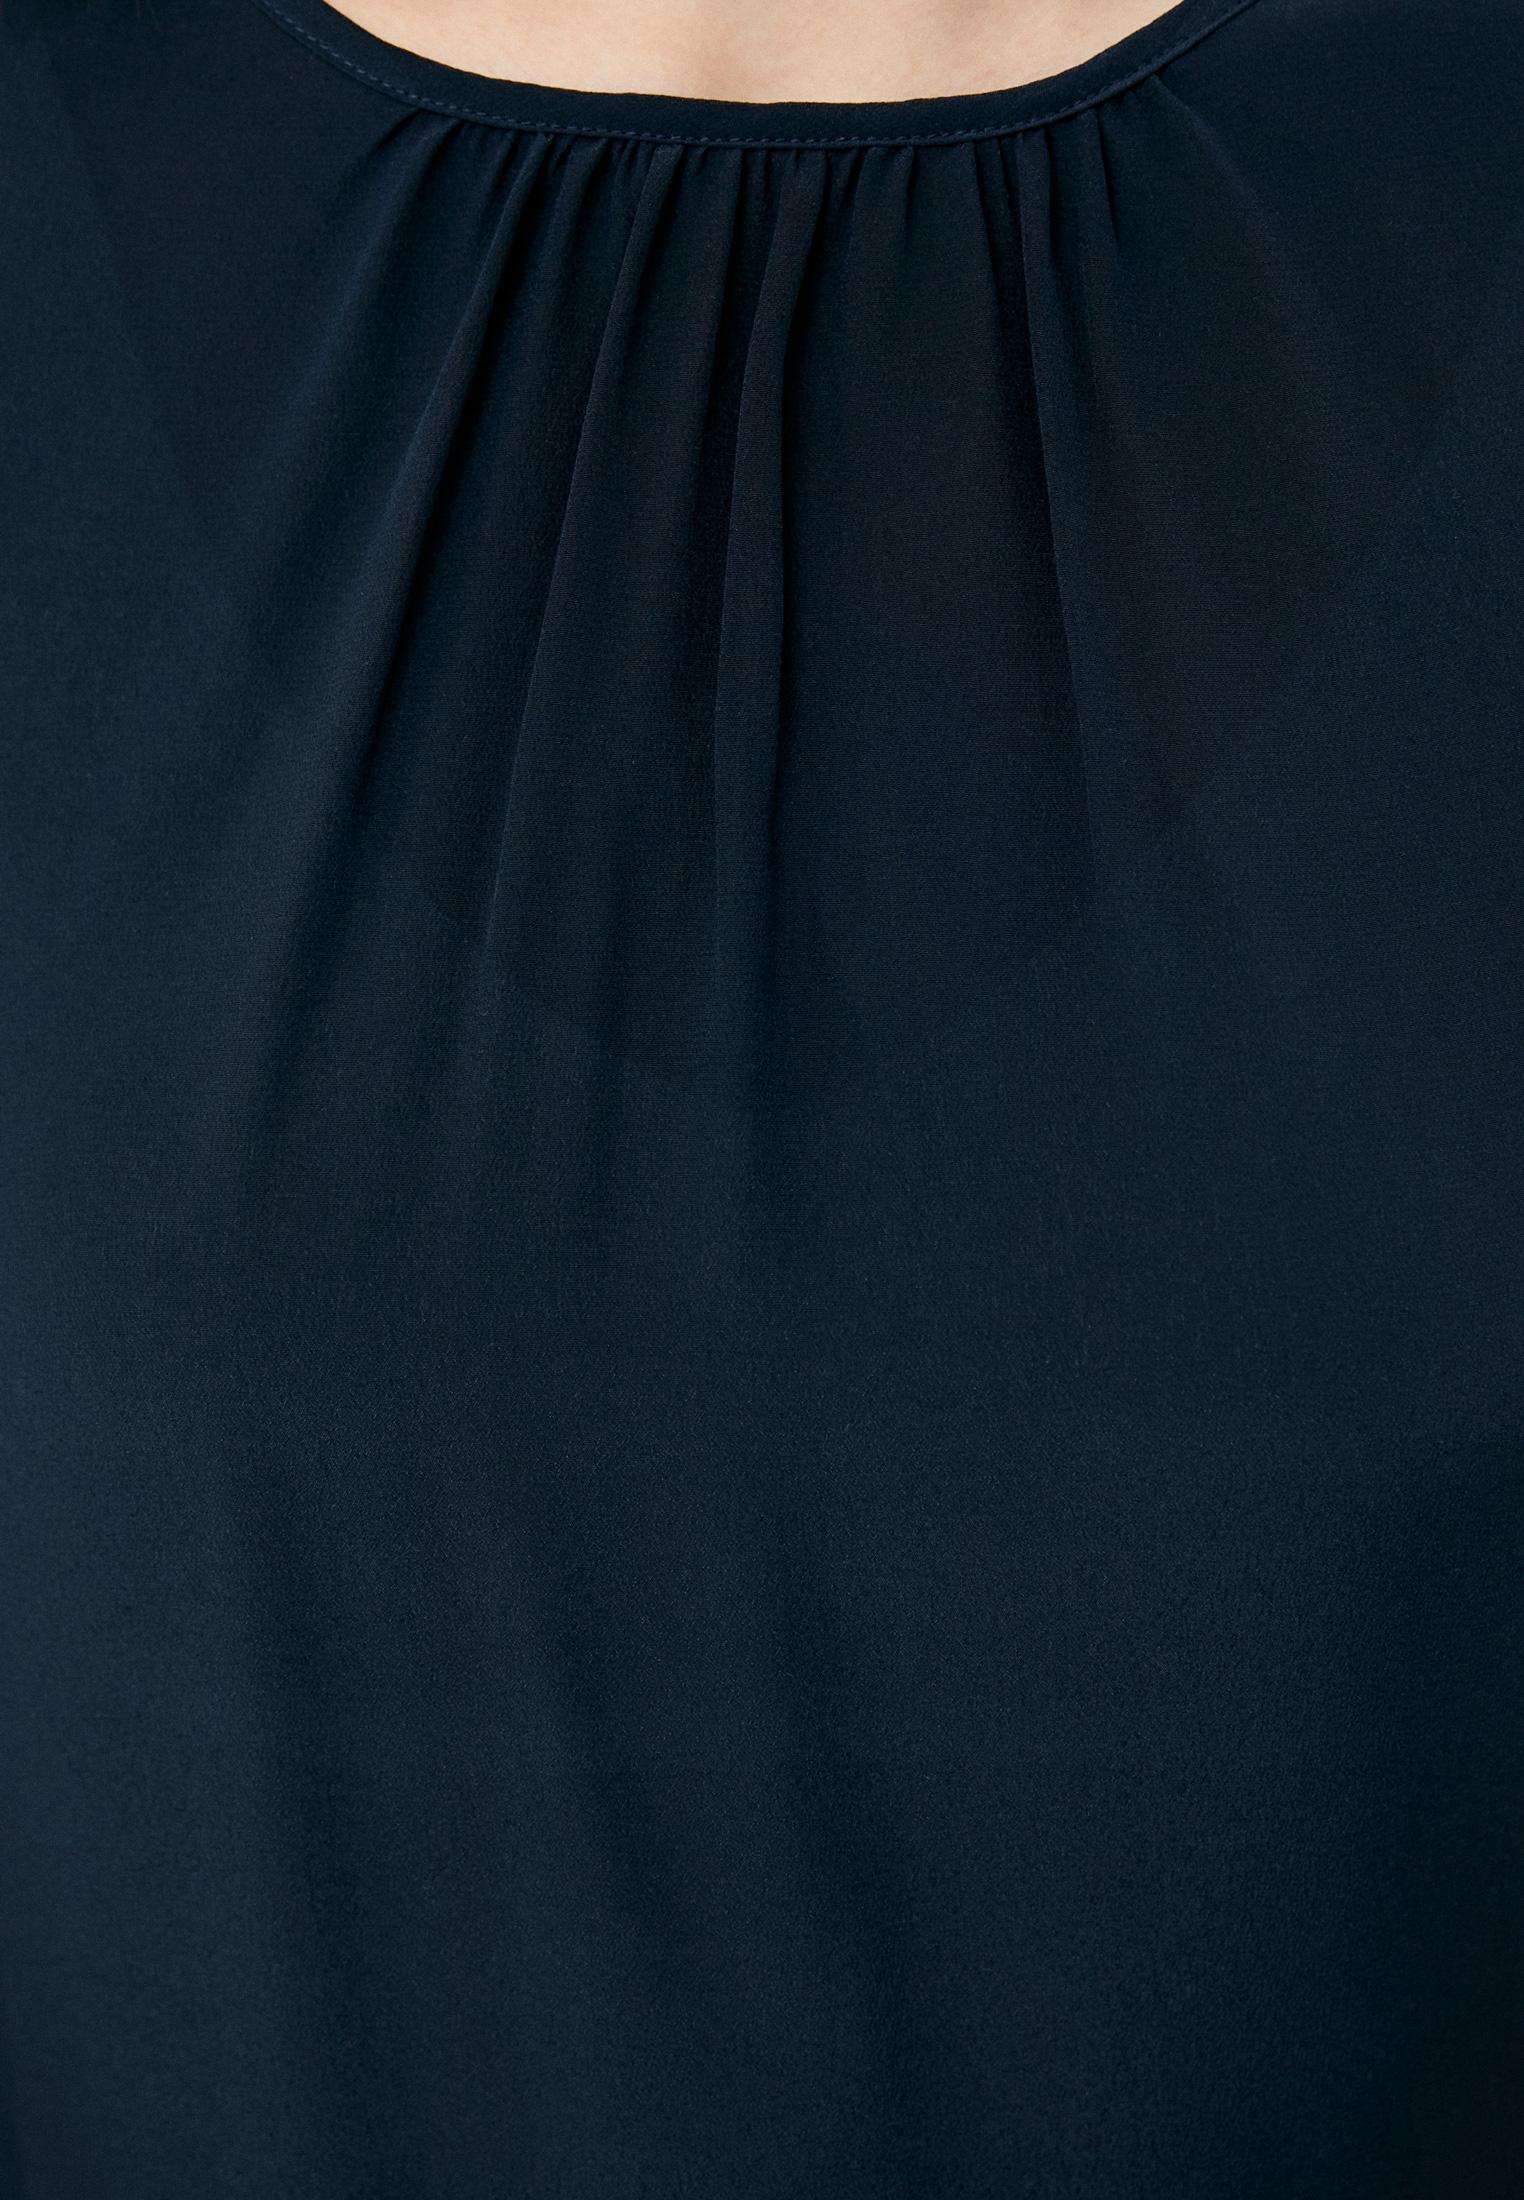 Блуза Weekend Max Mara 51111117600: изображение 5